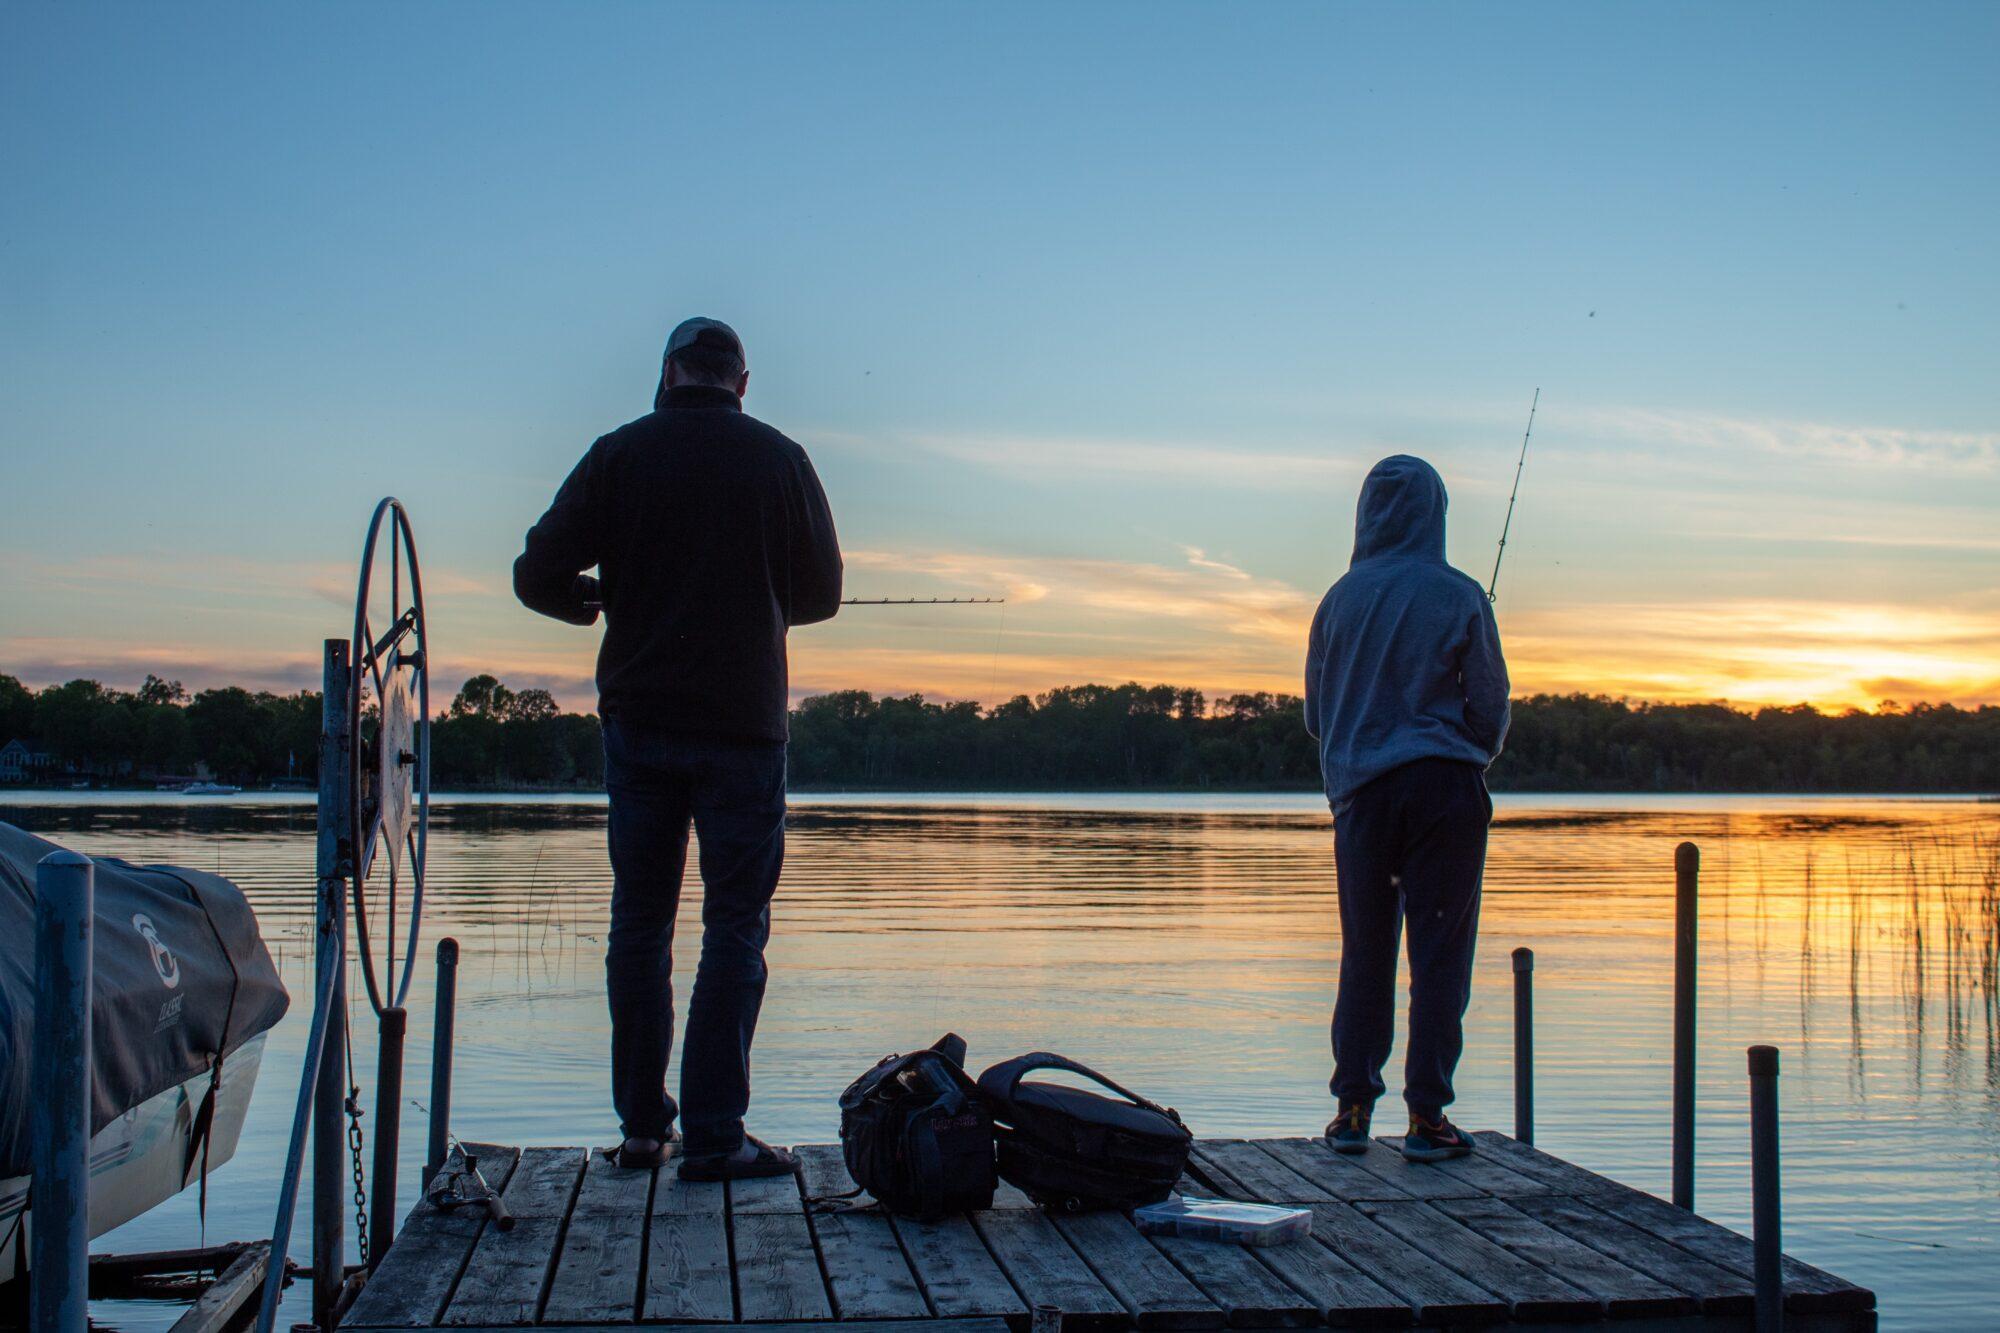 Fisketaske tilbud – essentiel til fisketuren